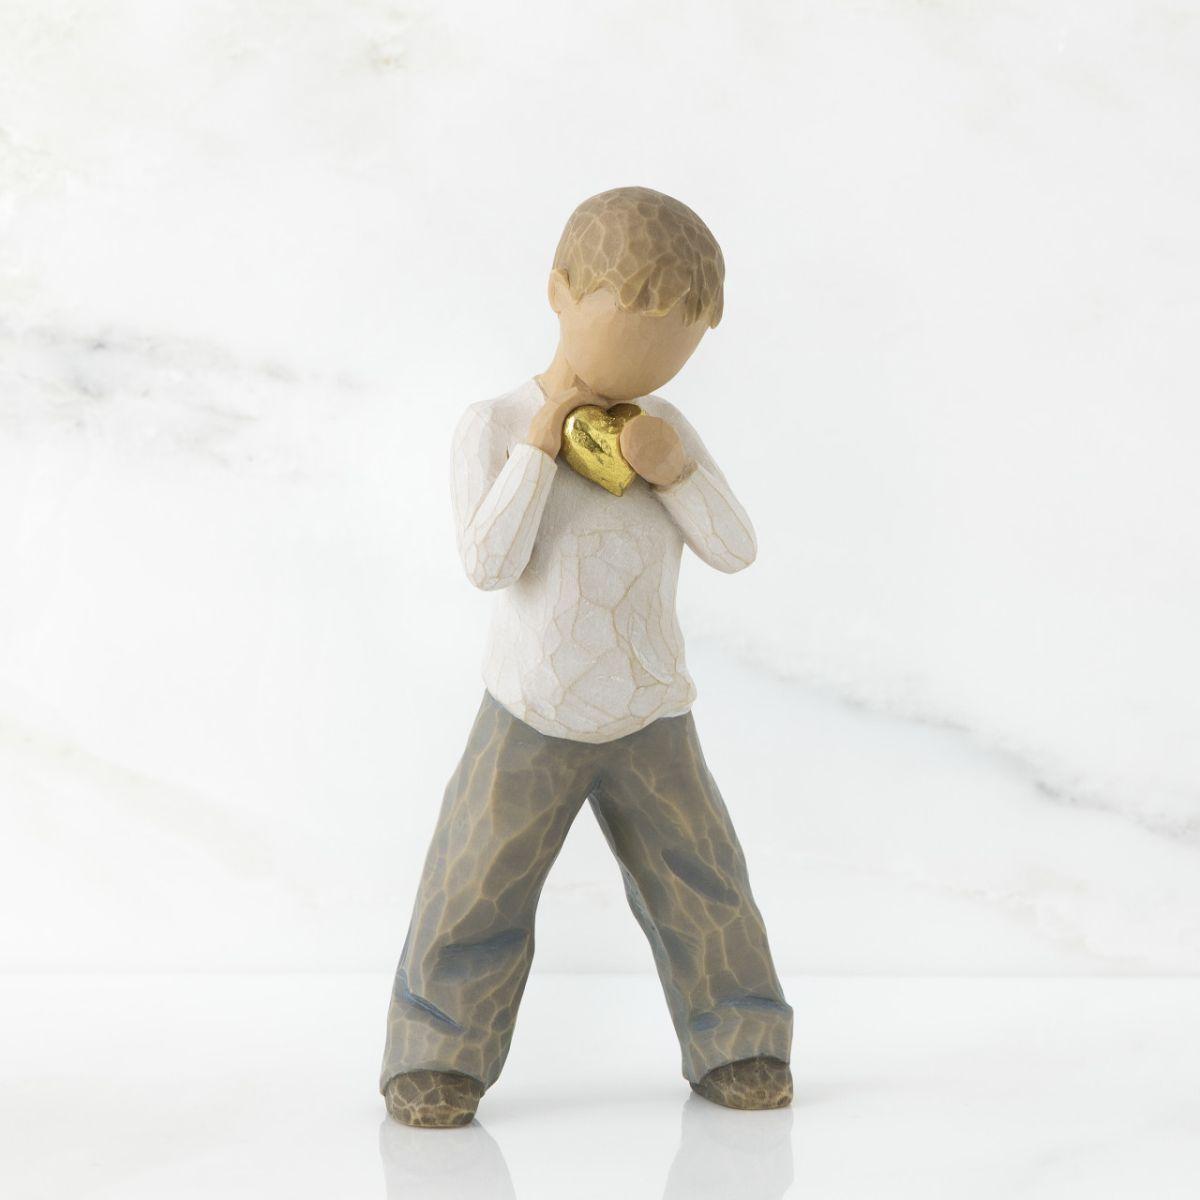 ウィローツリー彫像 【Heart of Gold】 - 黄金の精神